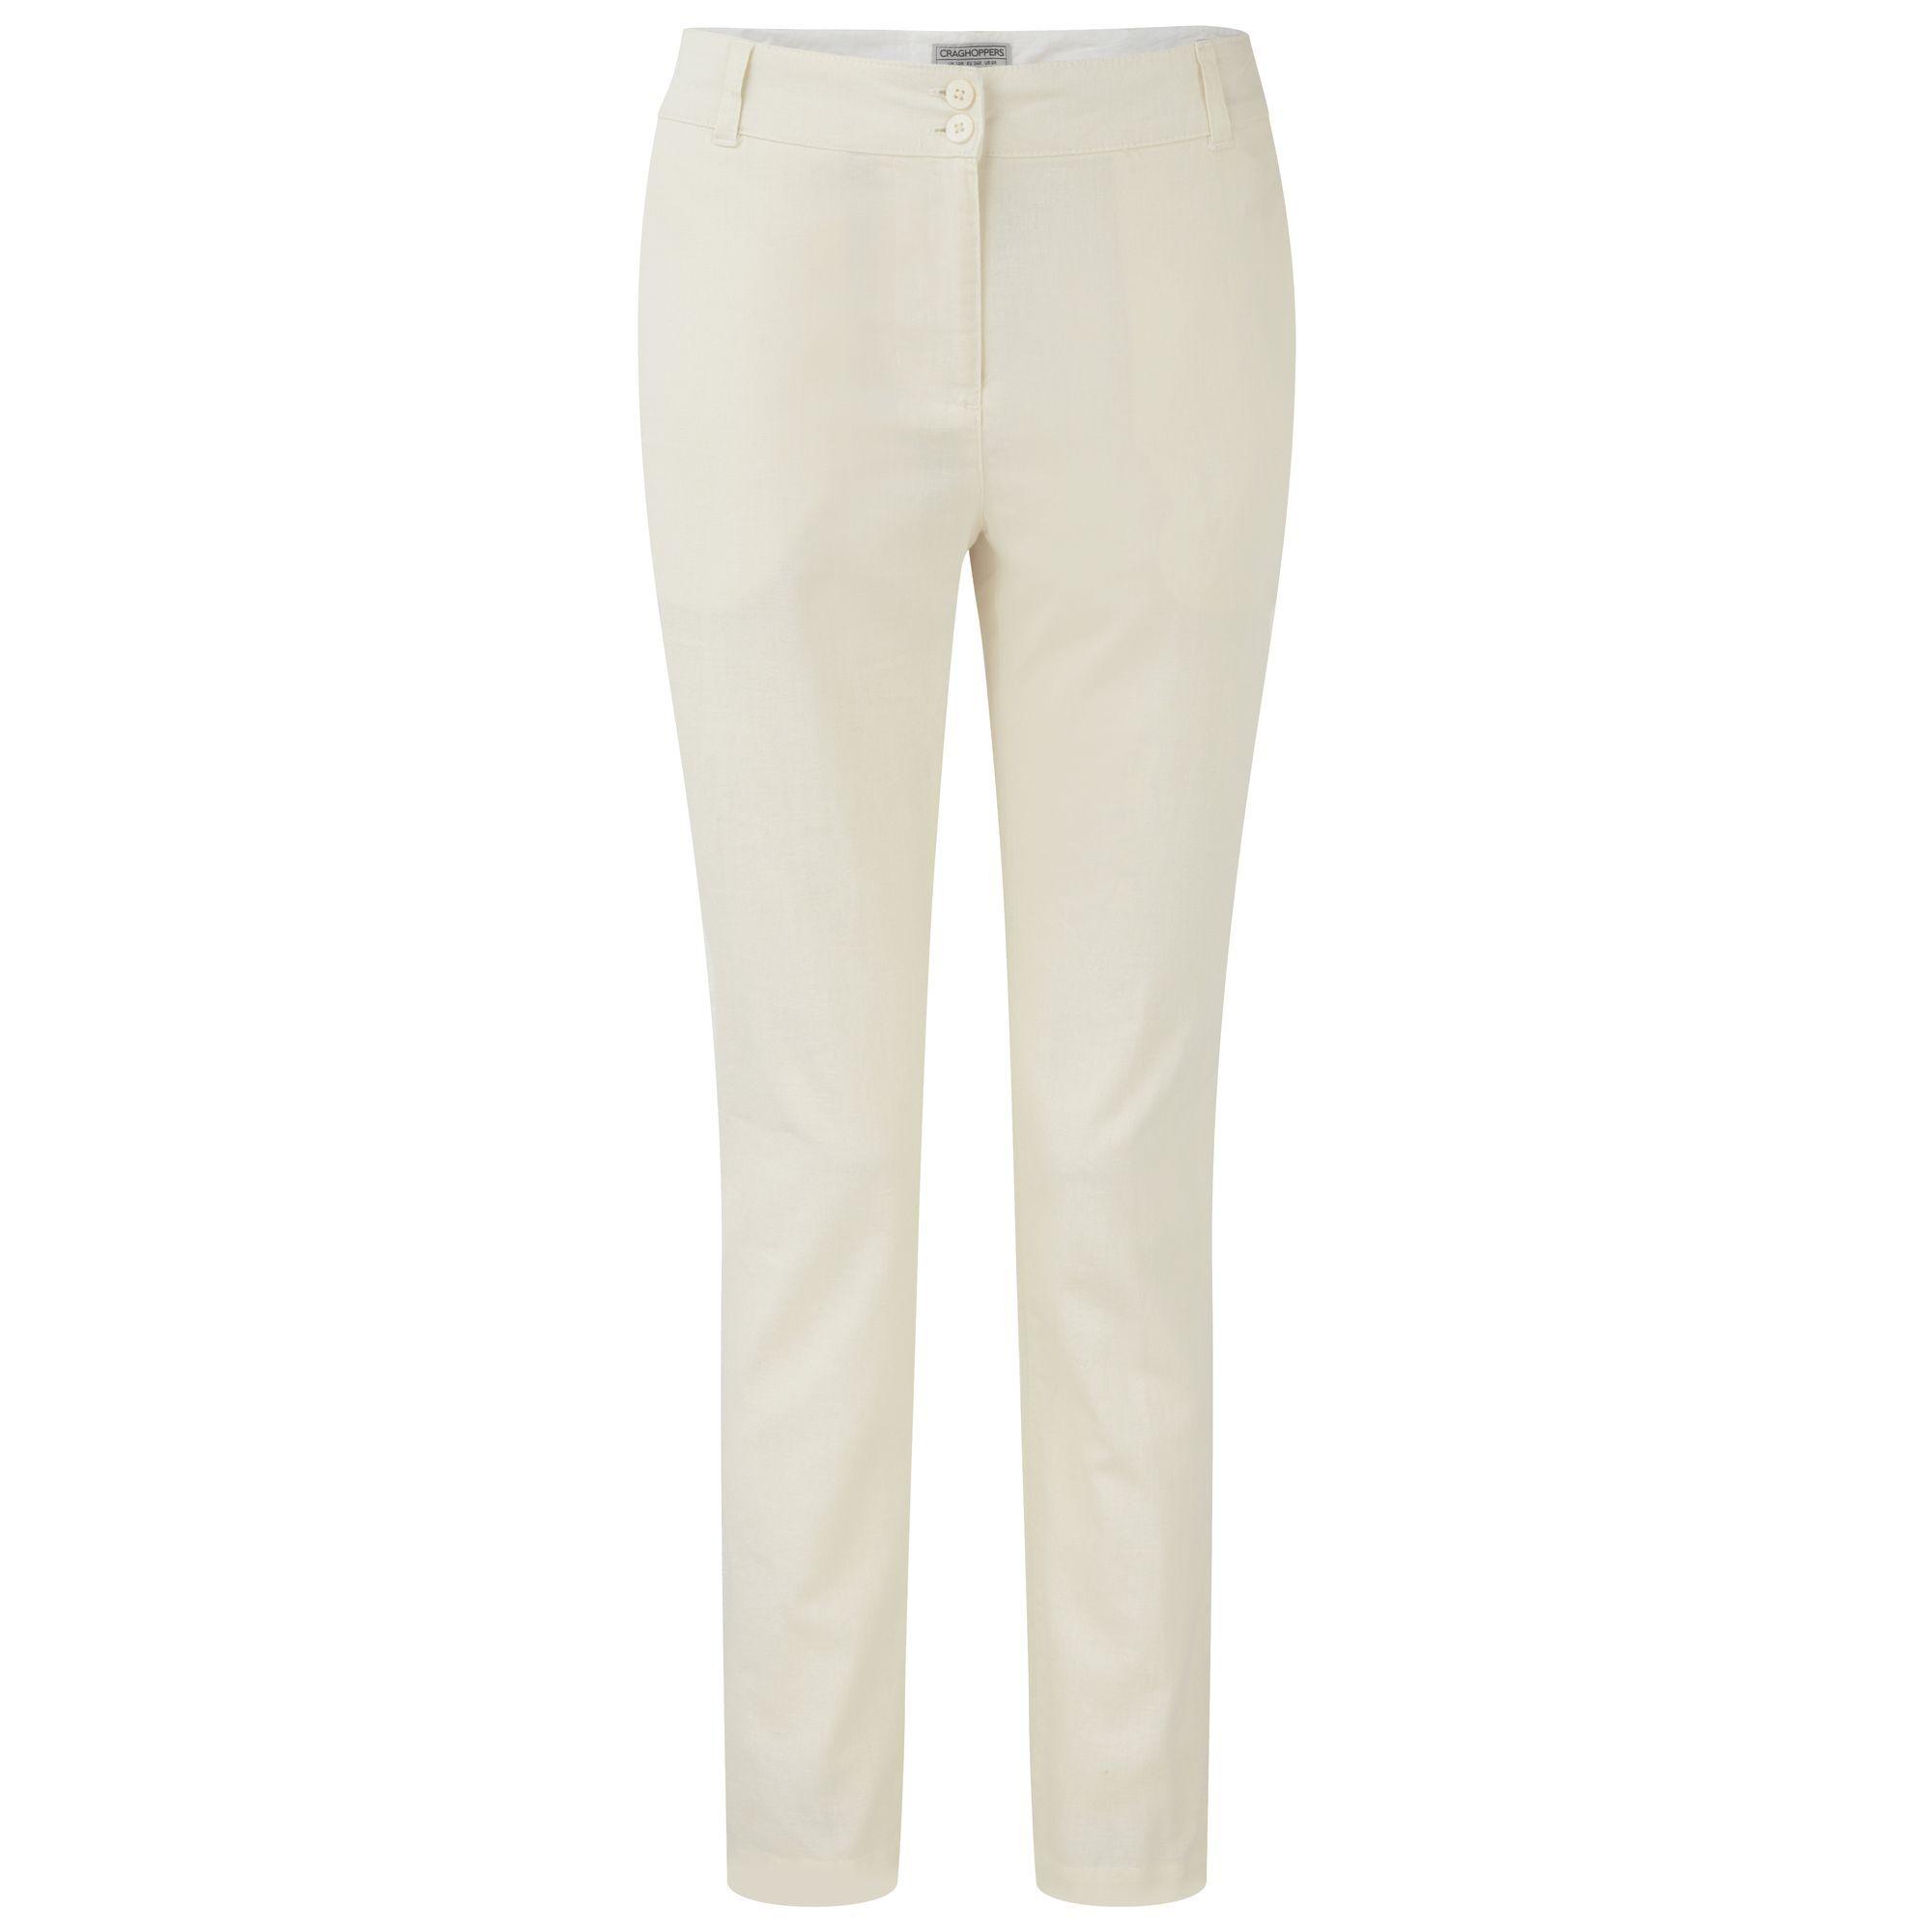 Craghoppers Odette - Pantalon Classique - Femme (Calicot) - UTCG528